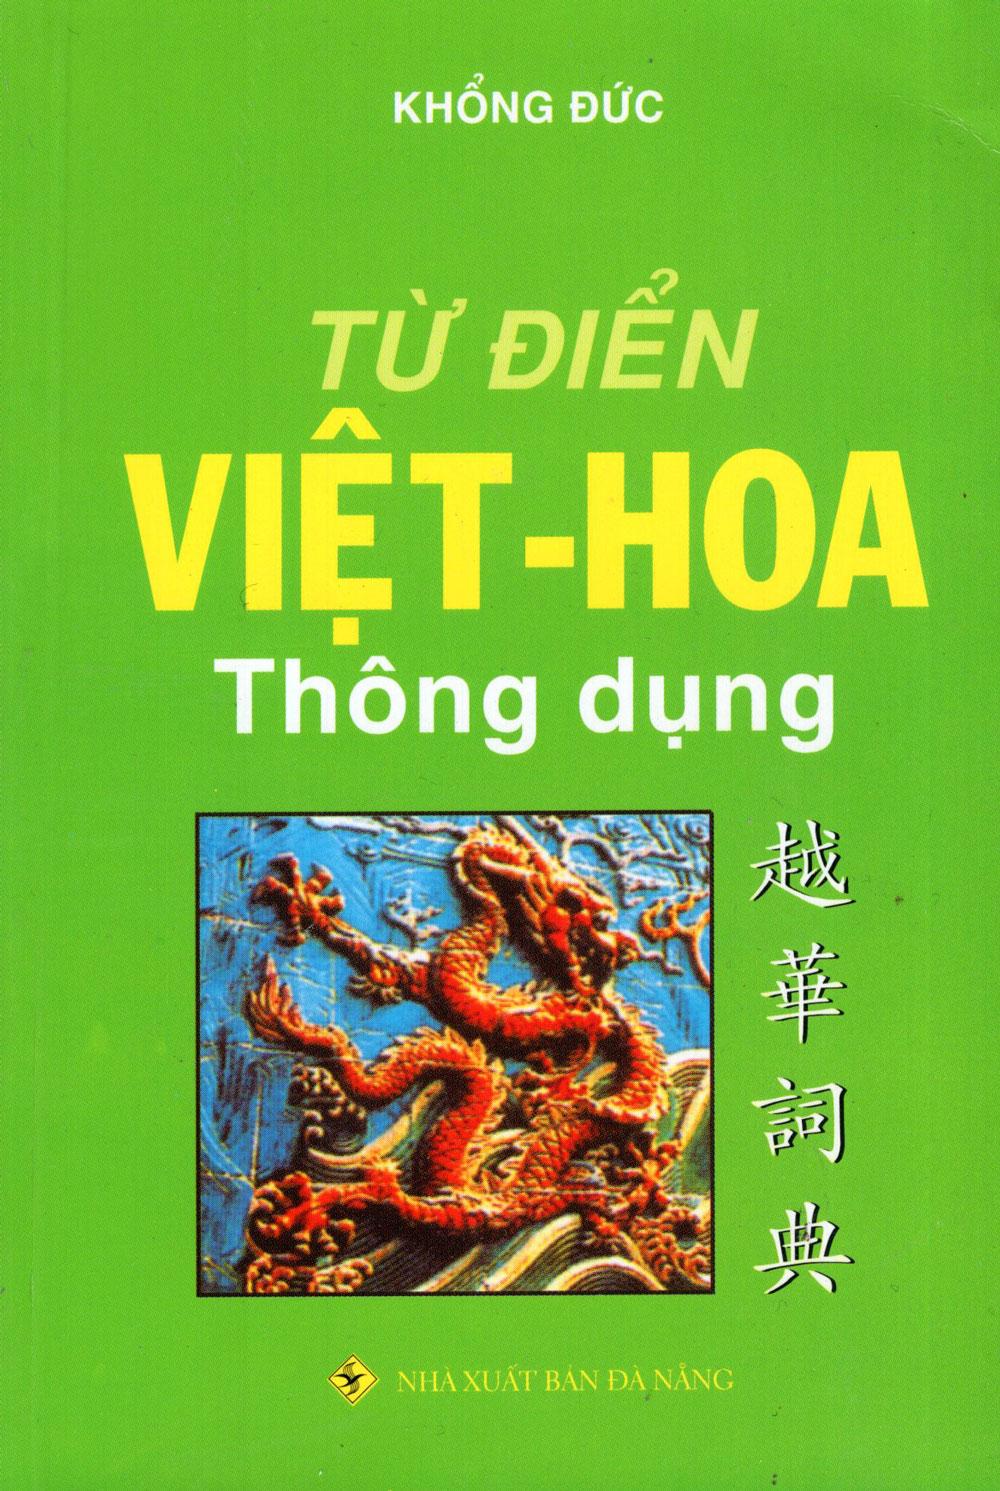 Bìa sách Từ Điển Việt - Hoa Thông Dụng (2016)